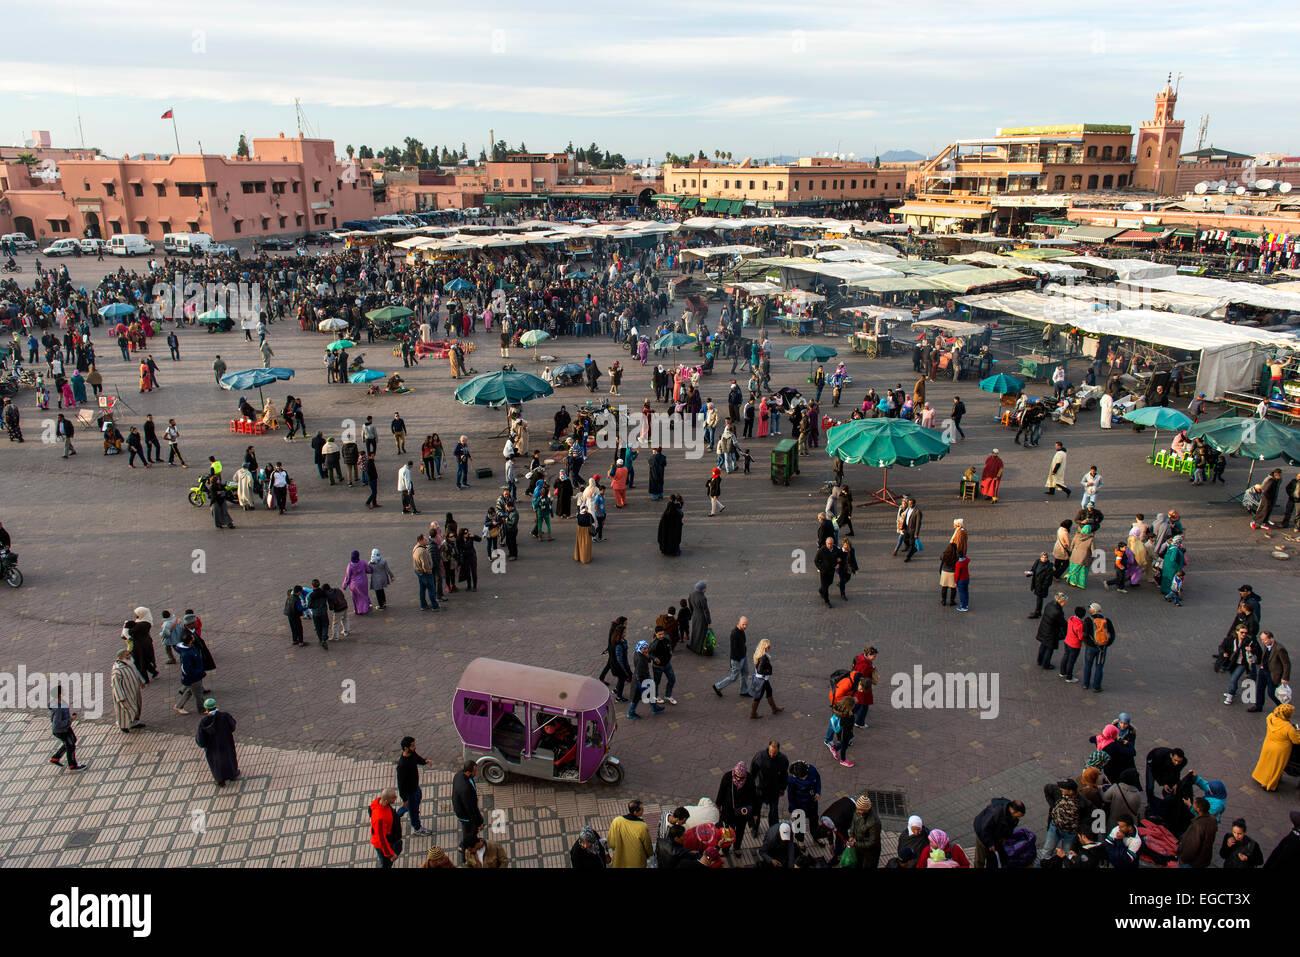 Djemaa el Fna or Jamaa el Fna square, Marrakech, Morocco Stock Photo